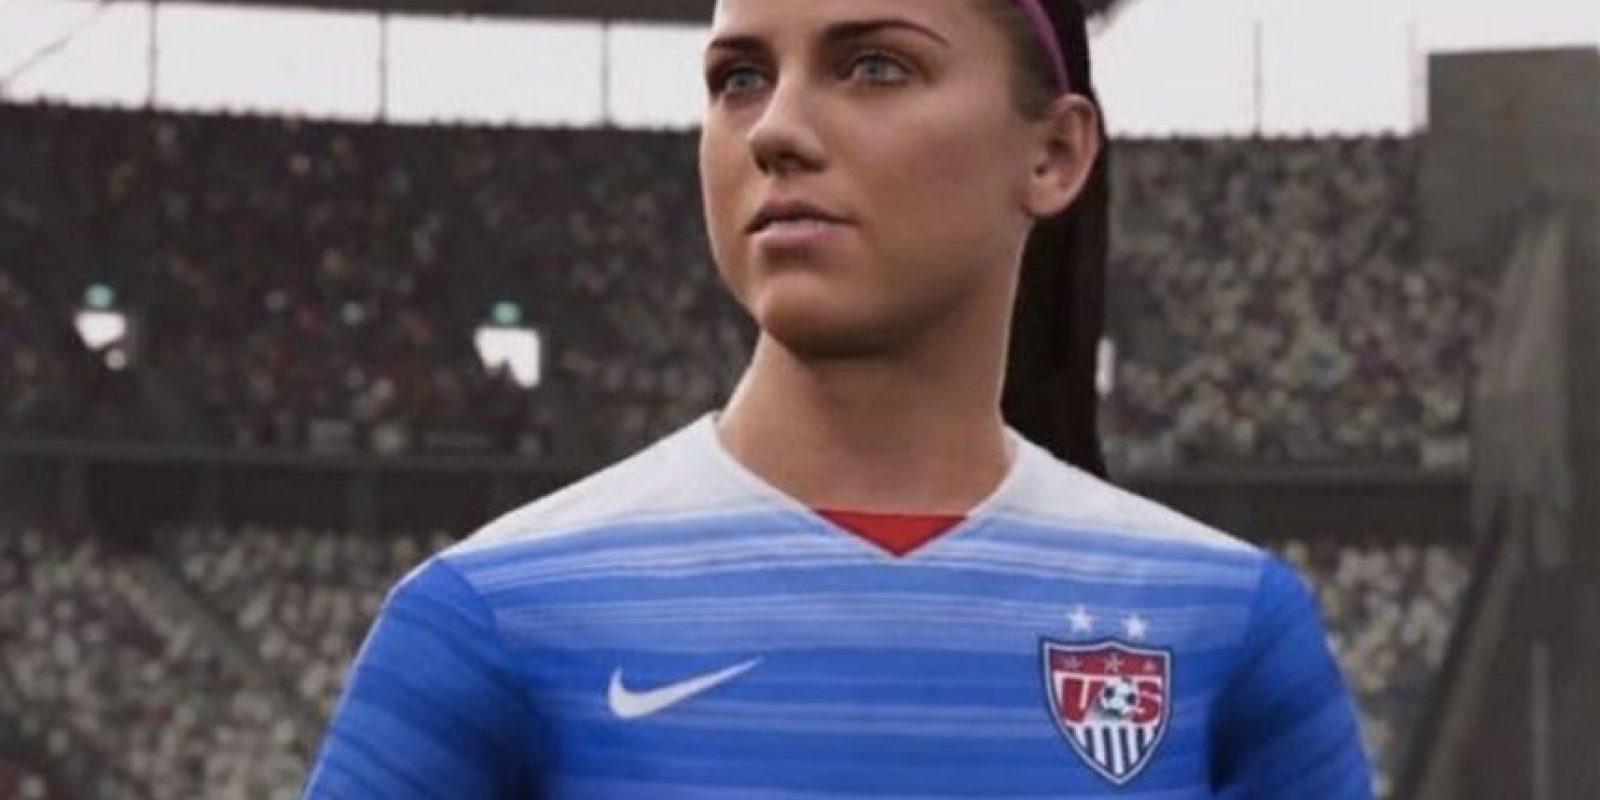 Los detalles de los futbolistas, estadios, afición, uniformes y jugadas se ha elevado para dar una mejor experiencia de juego. Foto:EA Sports